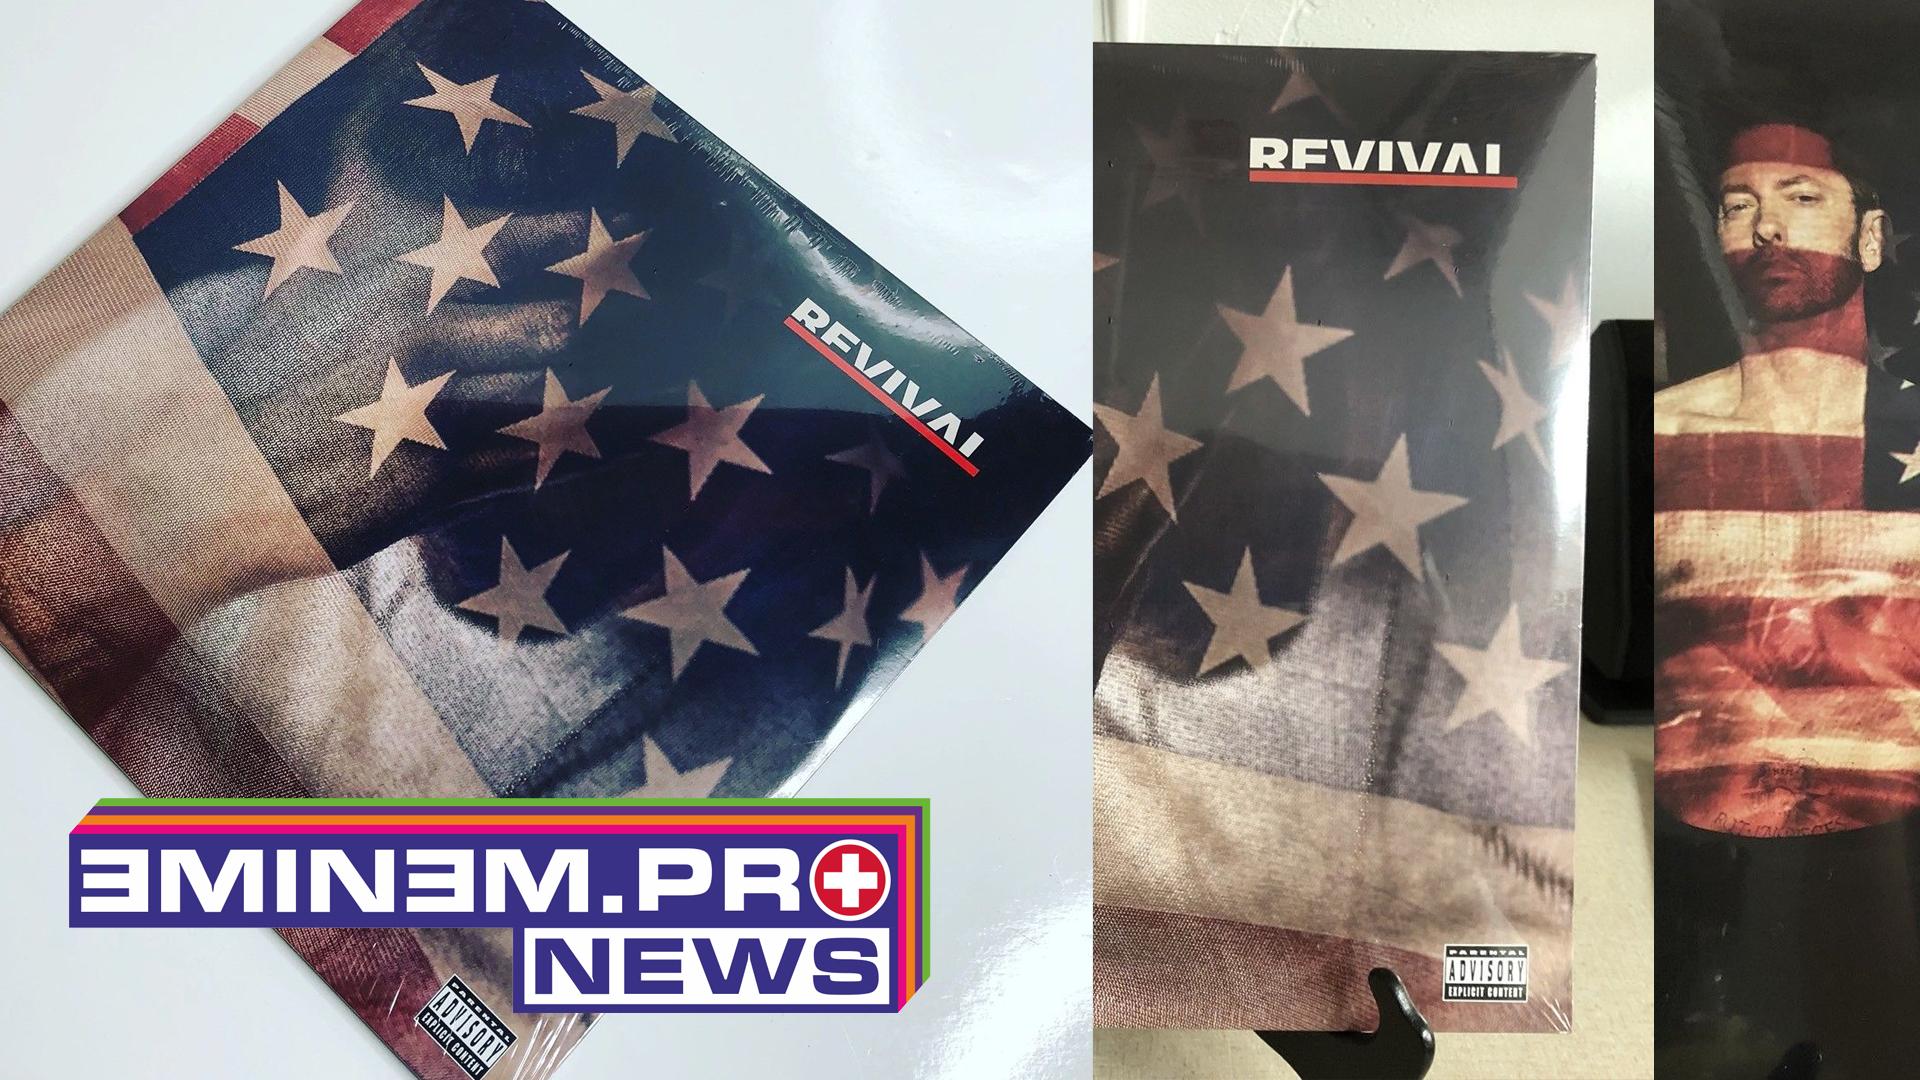 Eminem's album